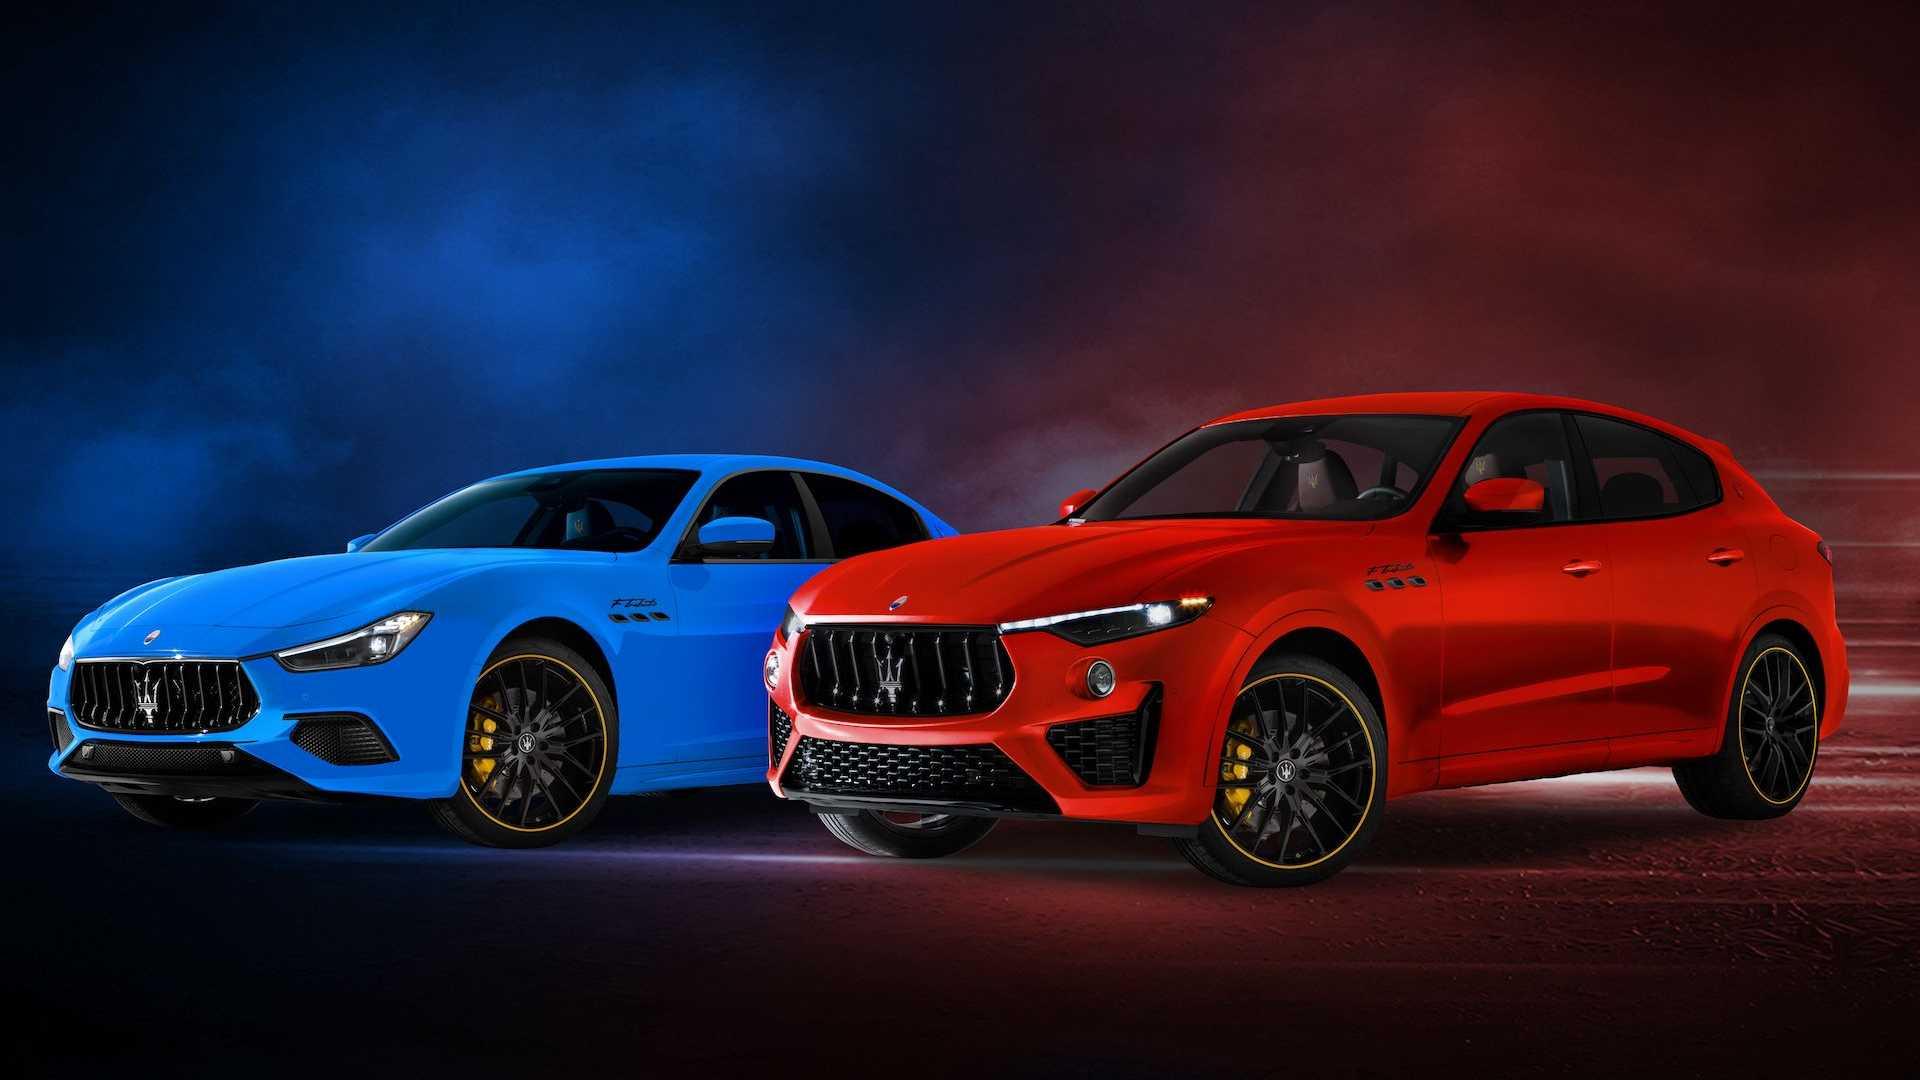 У Maserati, как и у большинства автопроизводителей, богатая история в автоспорте. Чтобы воздать должное своим гоночным корням, итальянская марка еще в апреле представила Ghibli и Levante ограниченной серии F Tributo Special Edition. Теперь они доступны к заказу в США и Канаде.